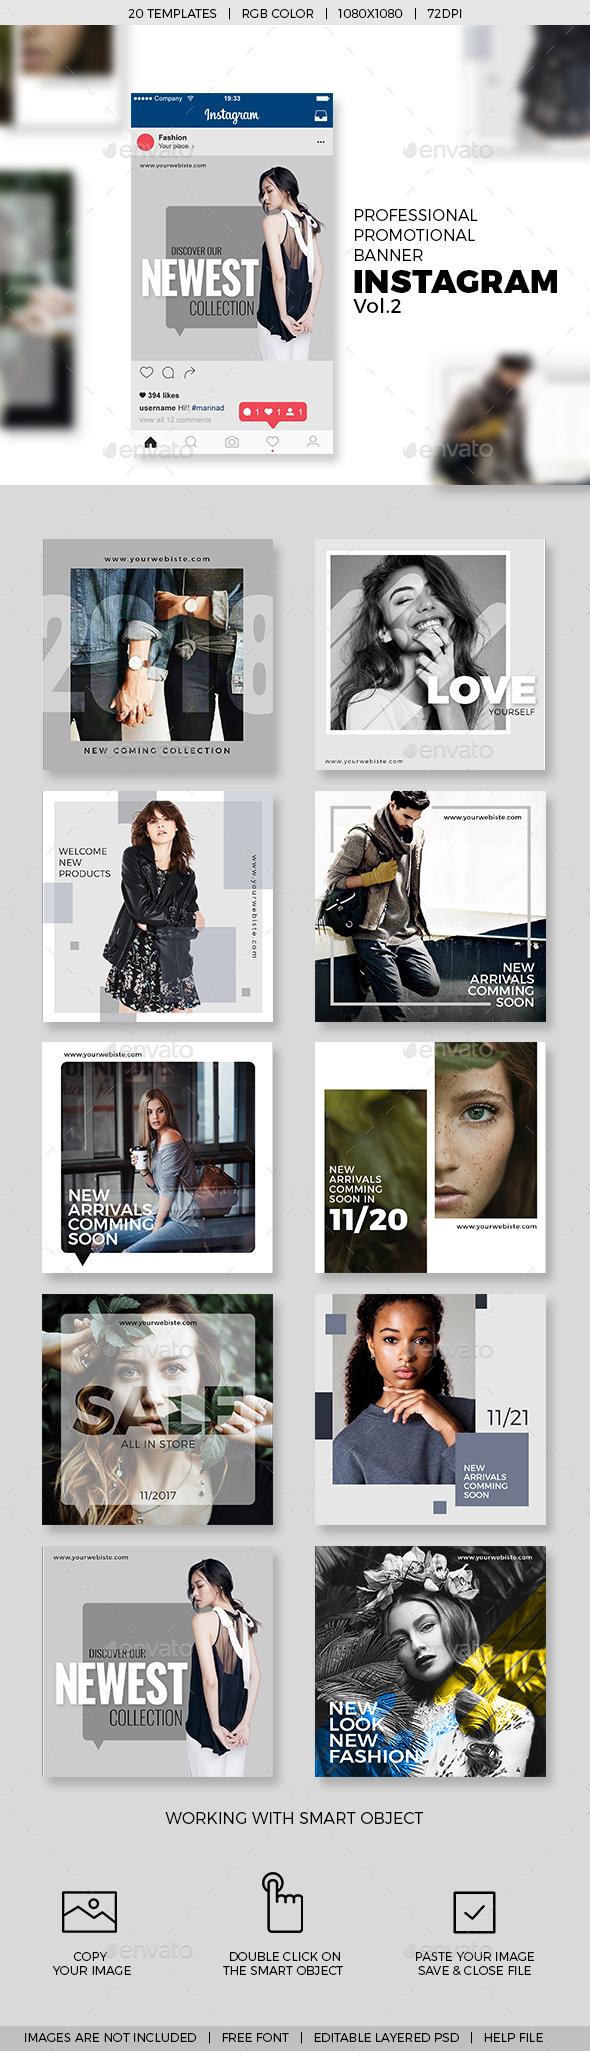 10 Instagram Promotional Banner Templates V.02 - Social Media Web Elements